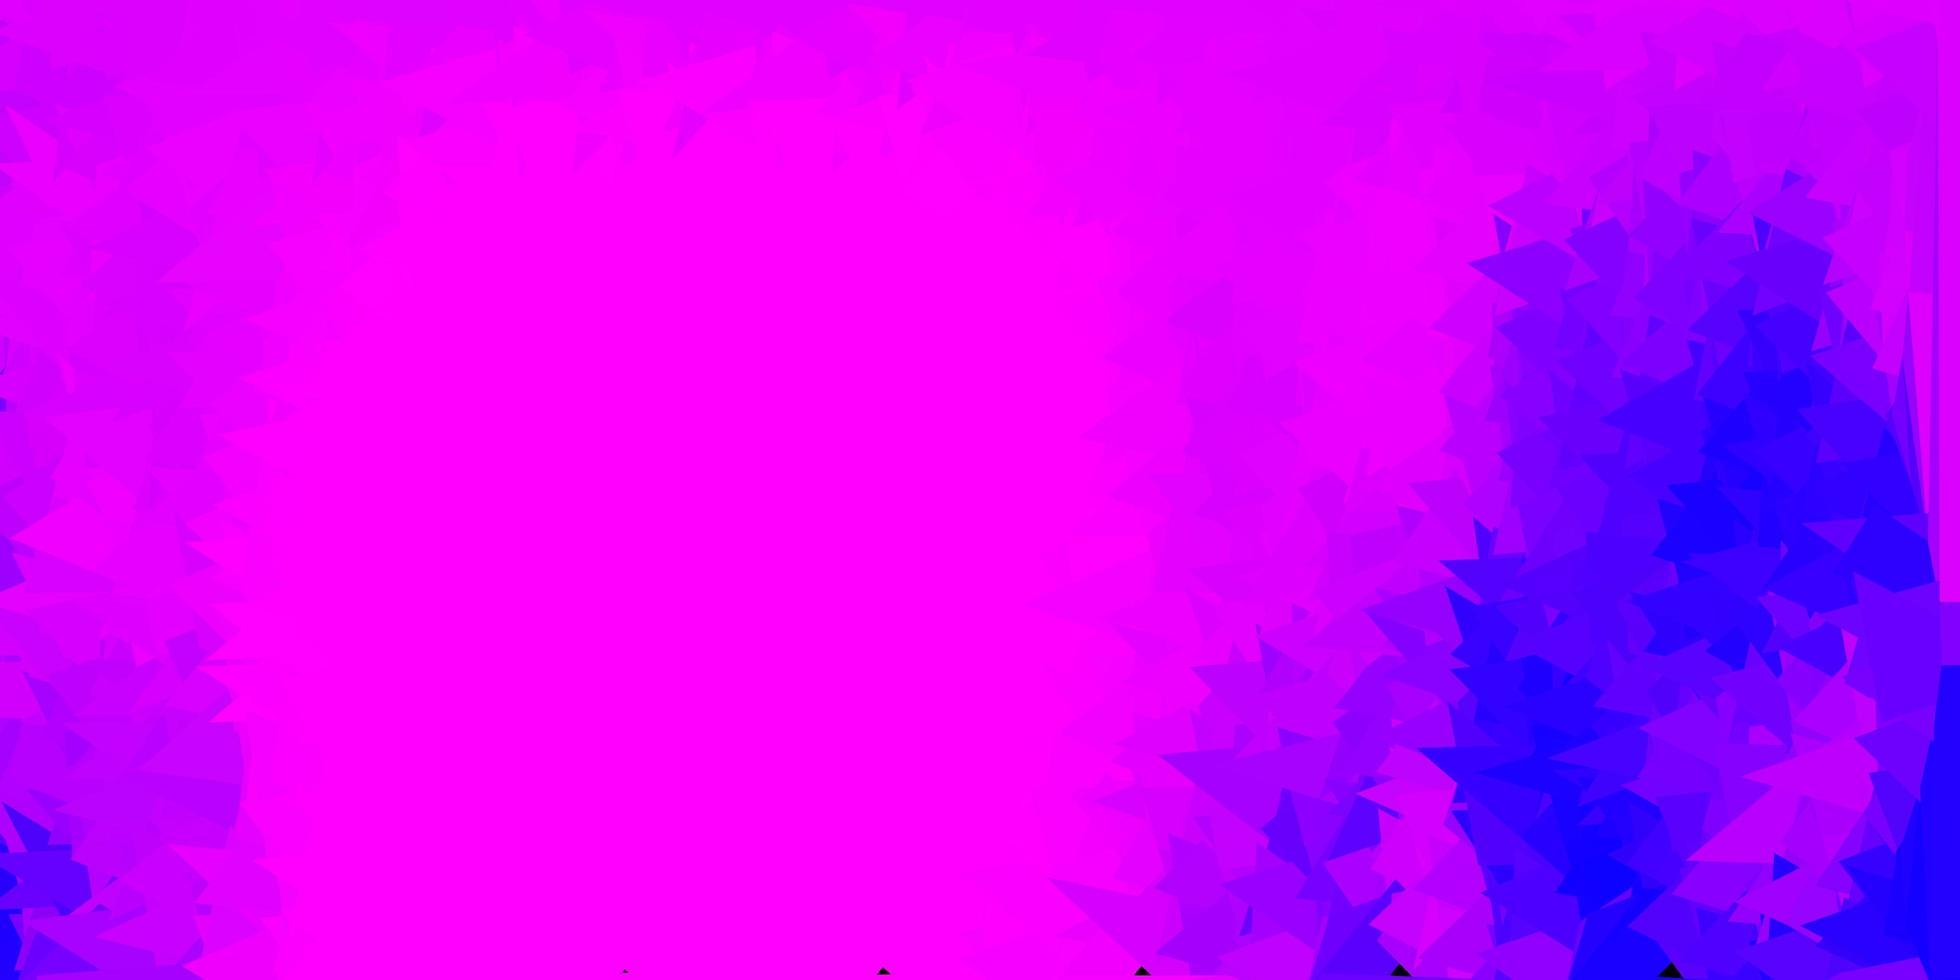 modelo de mosaico triângulo rosa e roxo claro. vetor